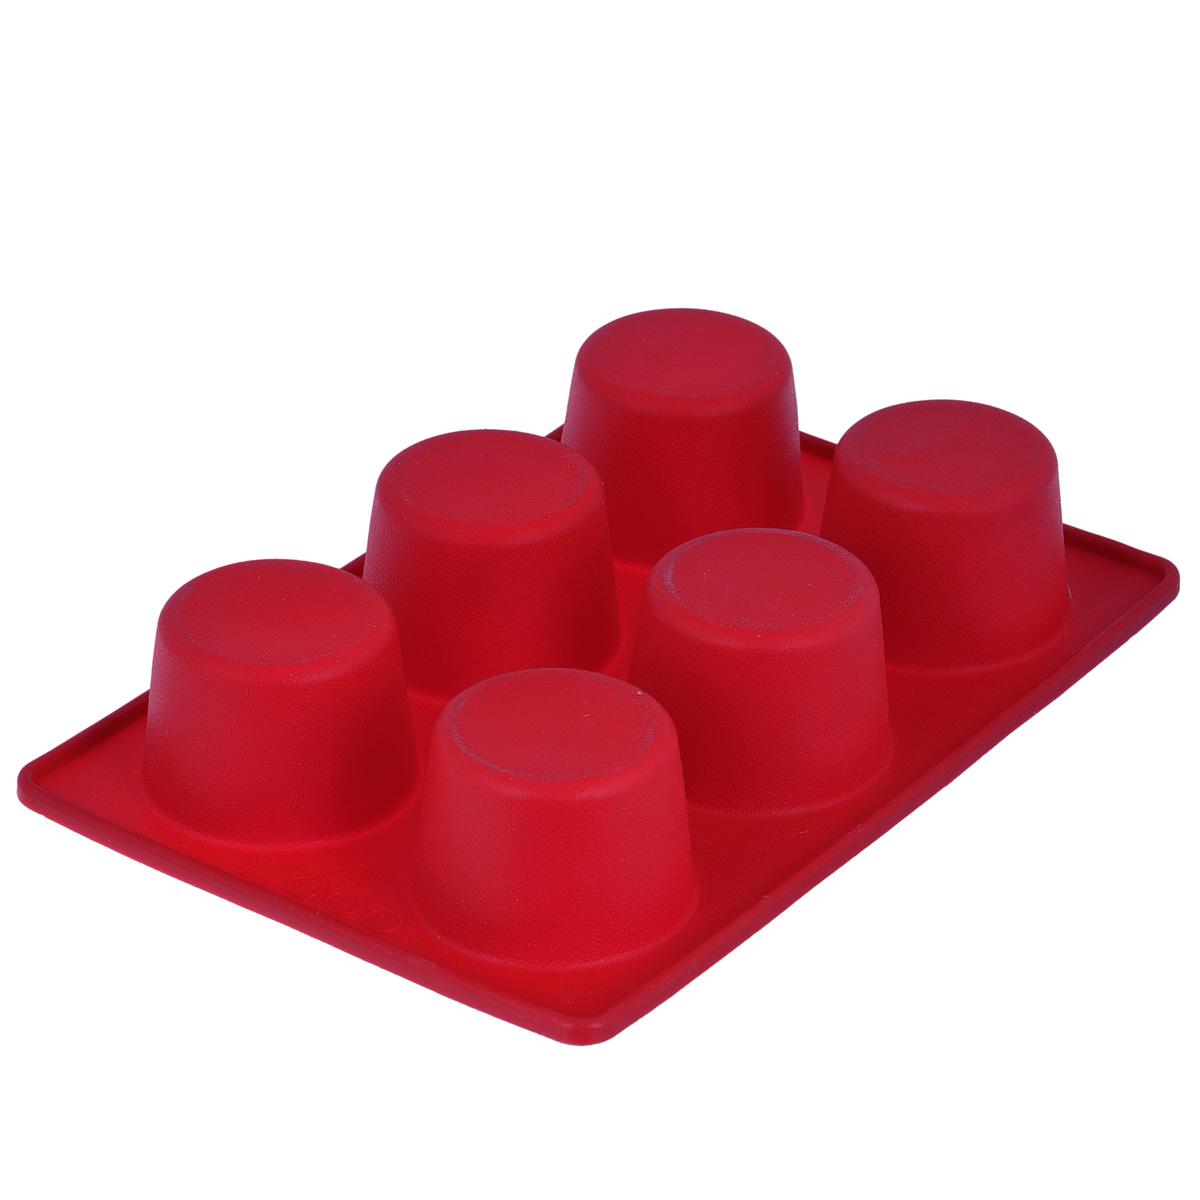 Форма для выпечки маффинов Tescoma Delicia Silicone, цвет: красный, 6 ячеек629332Форма Tescoma Delicia Silicone будет отличным выбором для всех любителей выпечки. Благодаря тому, что форма изготовлена из силикона, готовую выпечку или мармелад вынимать легко и просто. Изделие выполнено в форме прямоугольника, внутри которого расположены 6 круглых ячеек. Форма прекрасно подойдет для выпечки маффинов.С такой формой вы всегда сможете порадовать своих близких оригинальной выпечкой. Материал изделия устойчив к фруктовым кислотам, может быть использован в духовках, микроволновых печах, холодильниках и морозильных камерах (выдерживает температуру от -40°C до 230°C). Антипригарные свойства материала позволяют готовить без использования масла.Можно мыть и сушить в посудомоечной машине. При работе с формой используйте кухонный инструмент из силикона - кисти, лопатки, скребки. Не ставьте форму на электрическую конфорку. Не разрезайте выпечку прямо в форме.